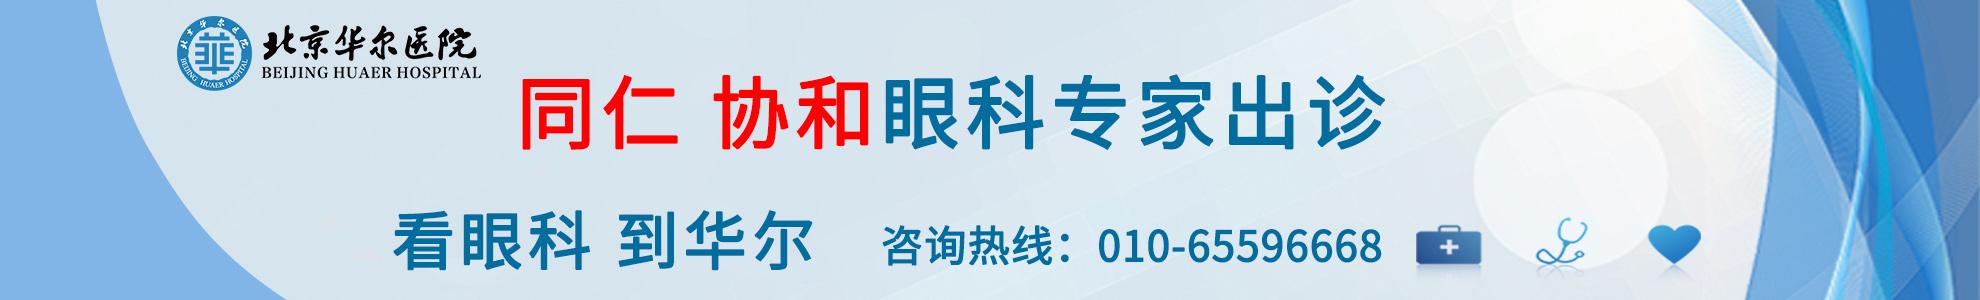 北京华尔眼科医院